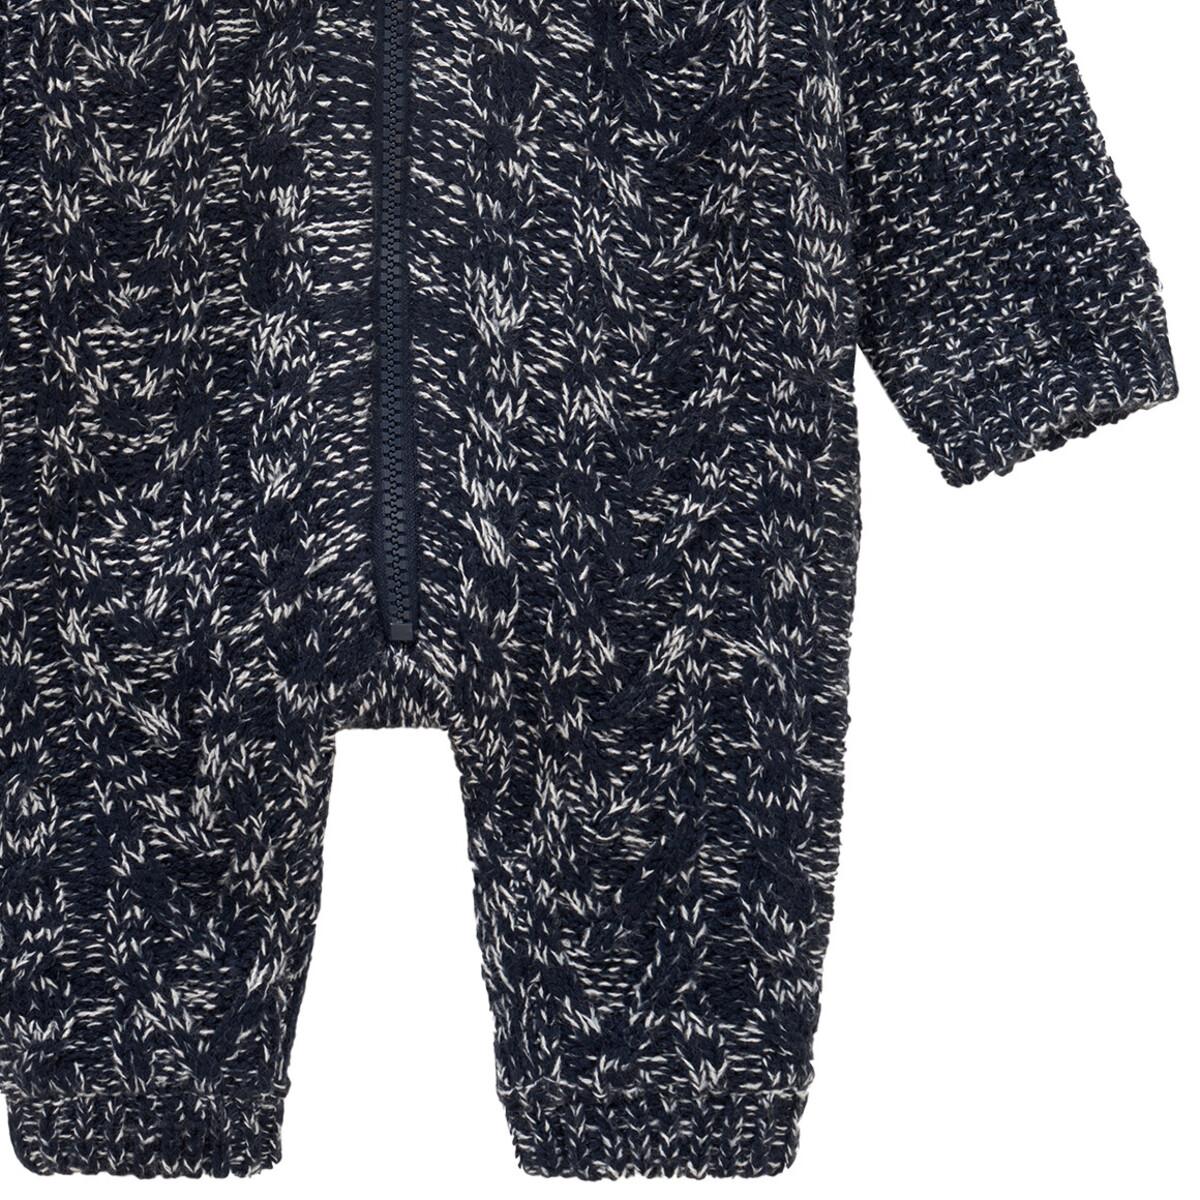 Bild 3 von Newborn Strick-Overall mit Kapuze